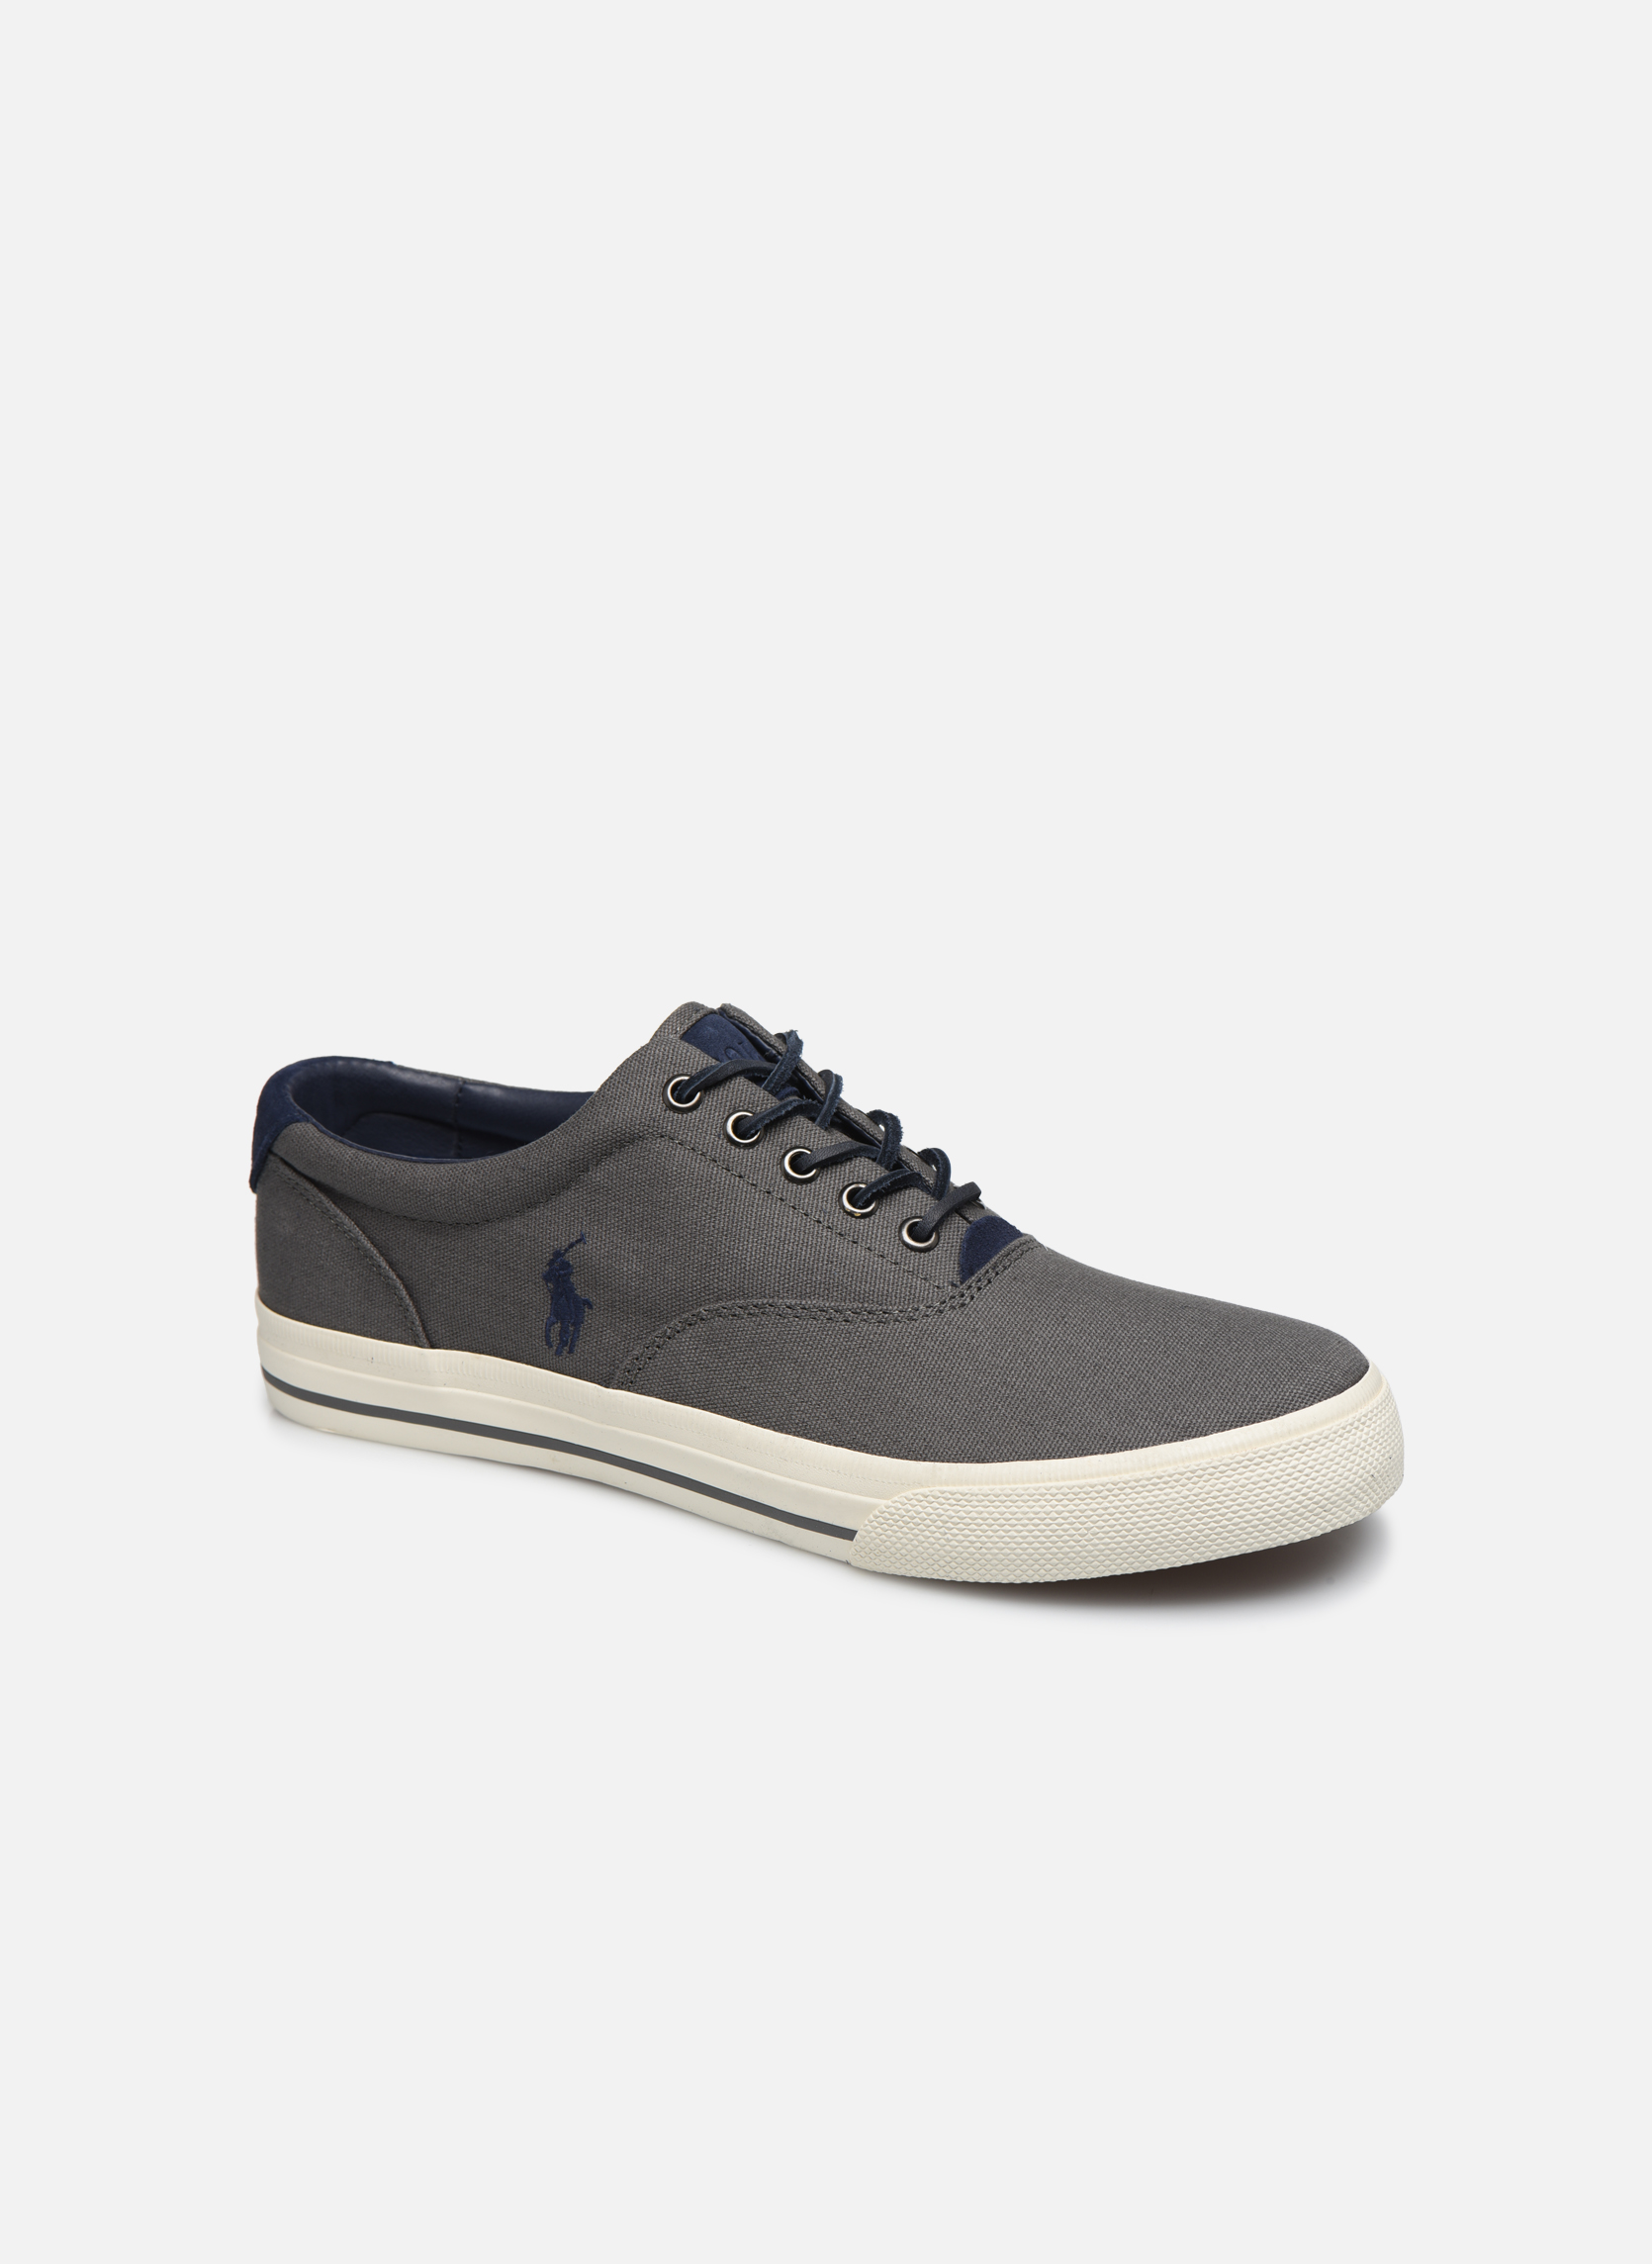 Vaughn-Ne-Sneakers-Vulc